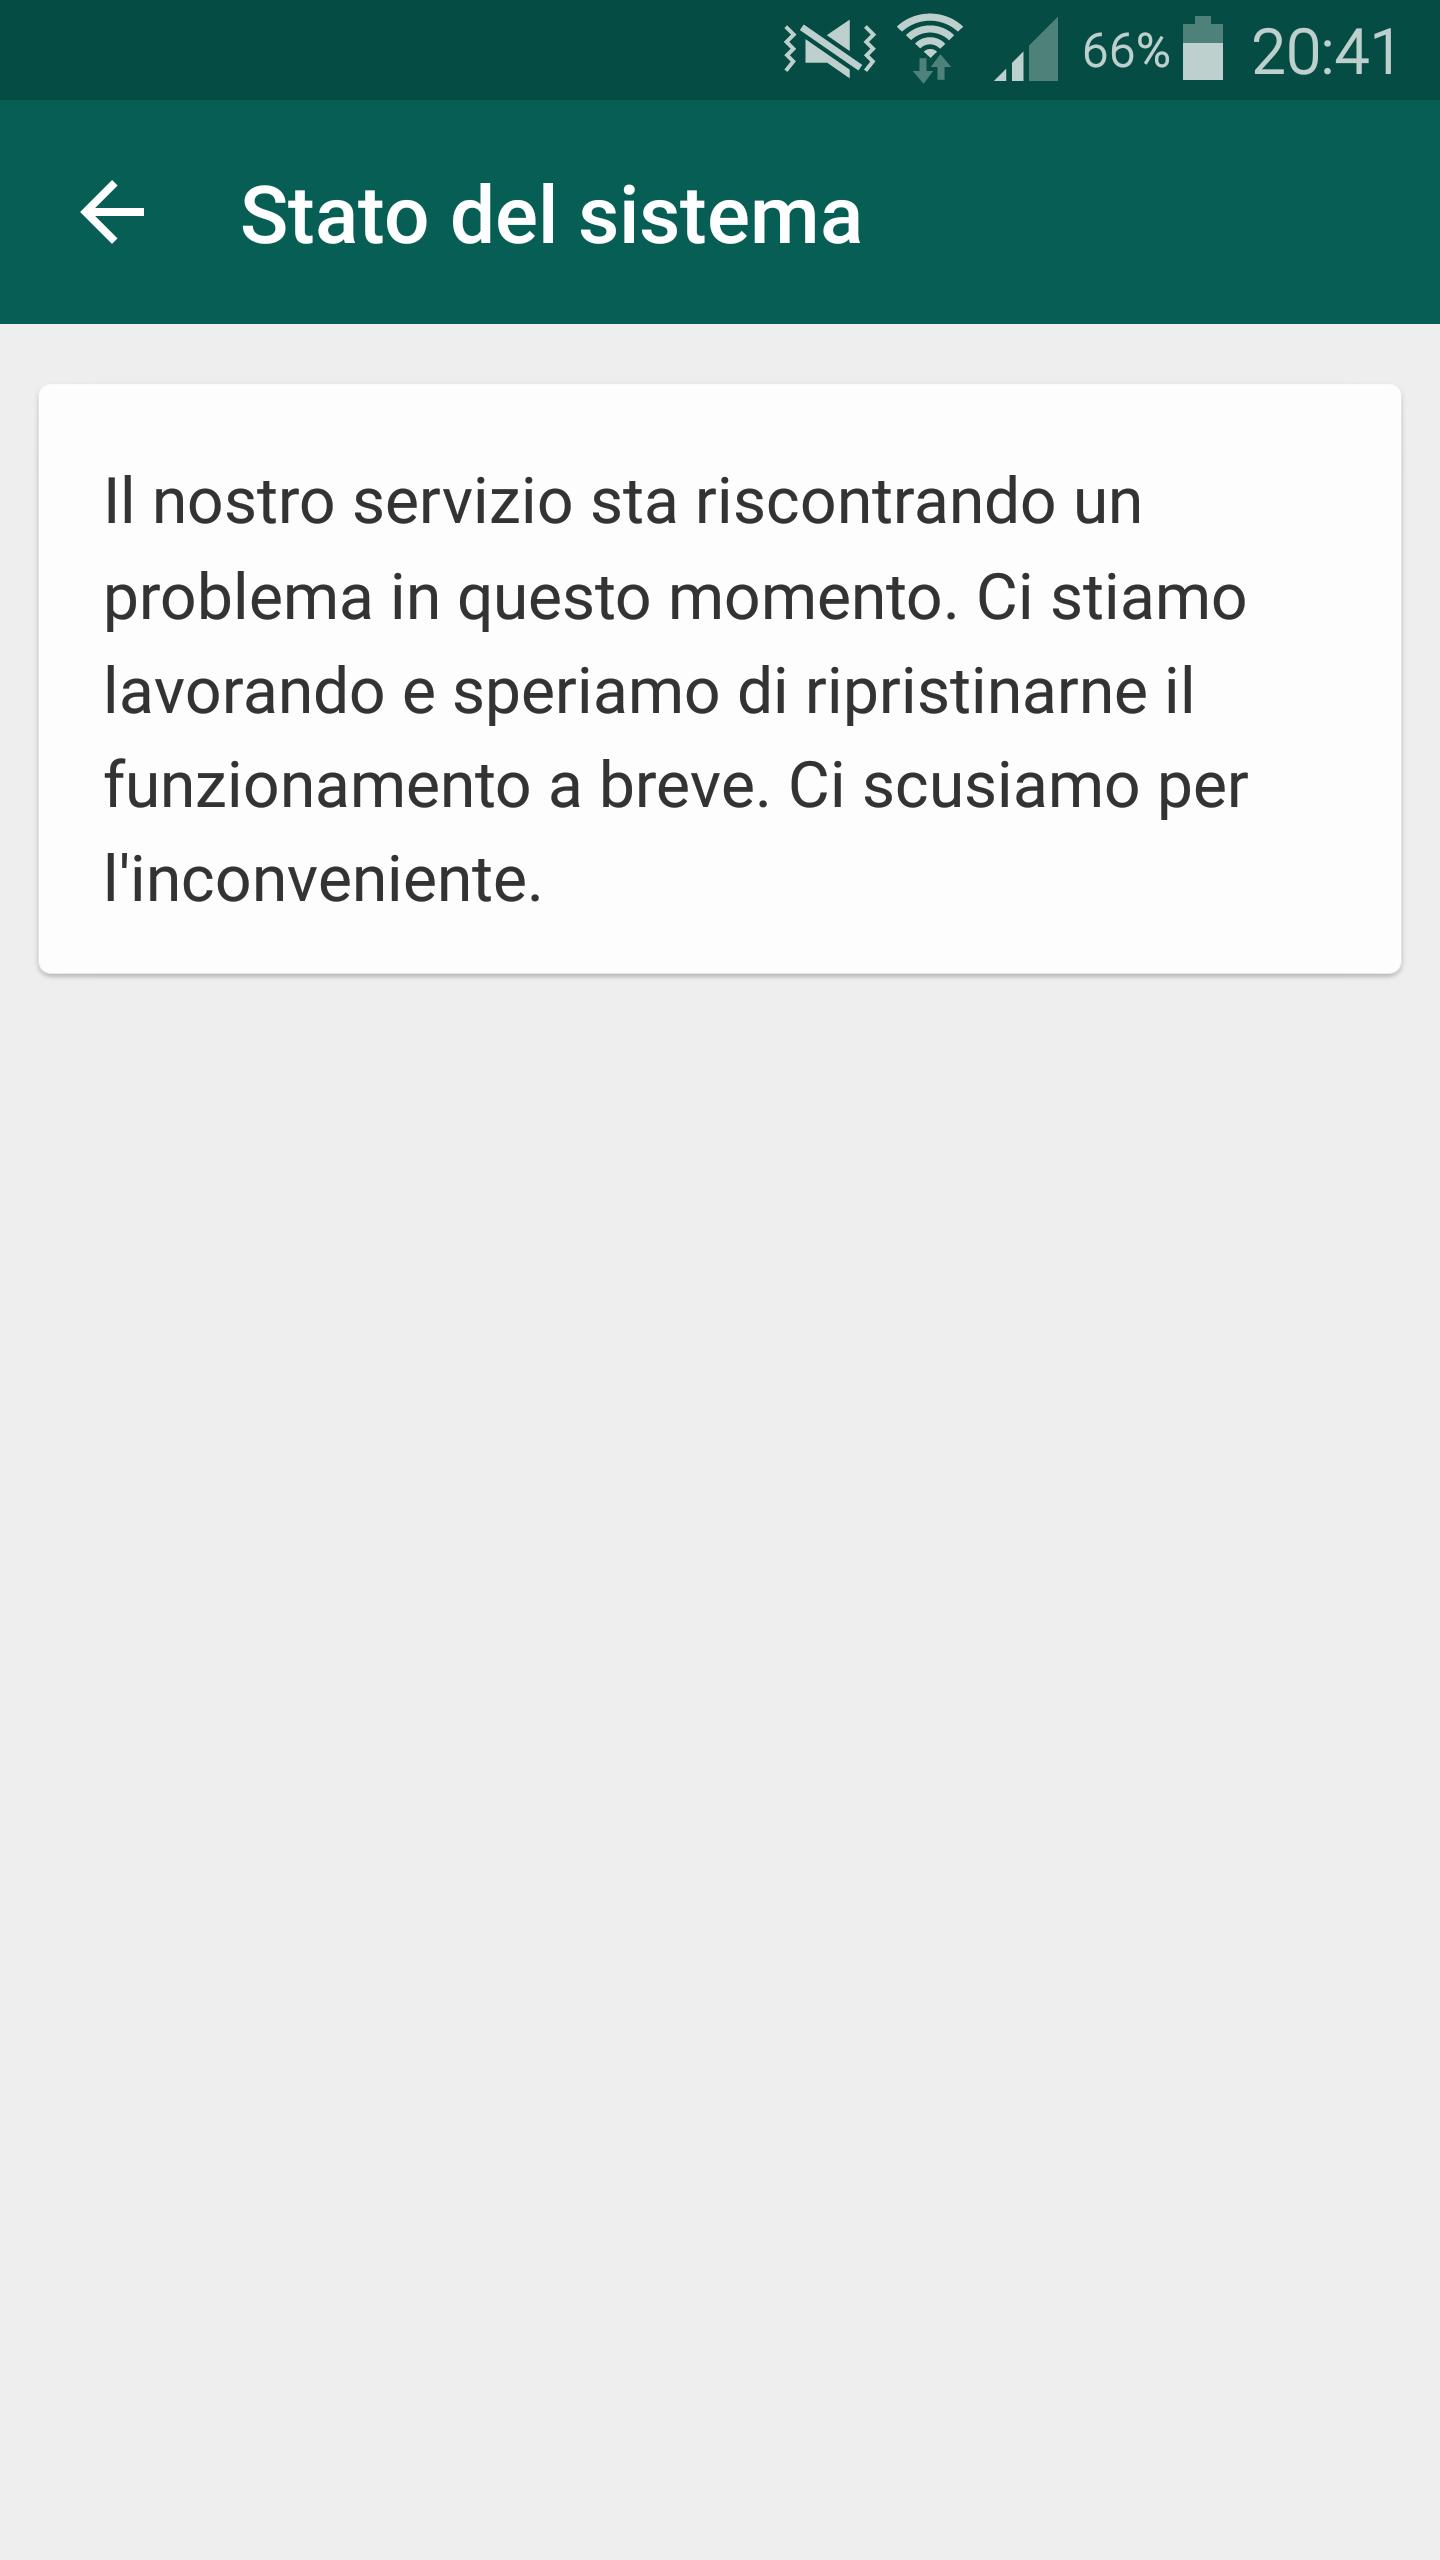 whatsapp-down-31-dicembre-2015-2016-capodanno